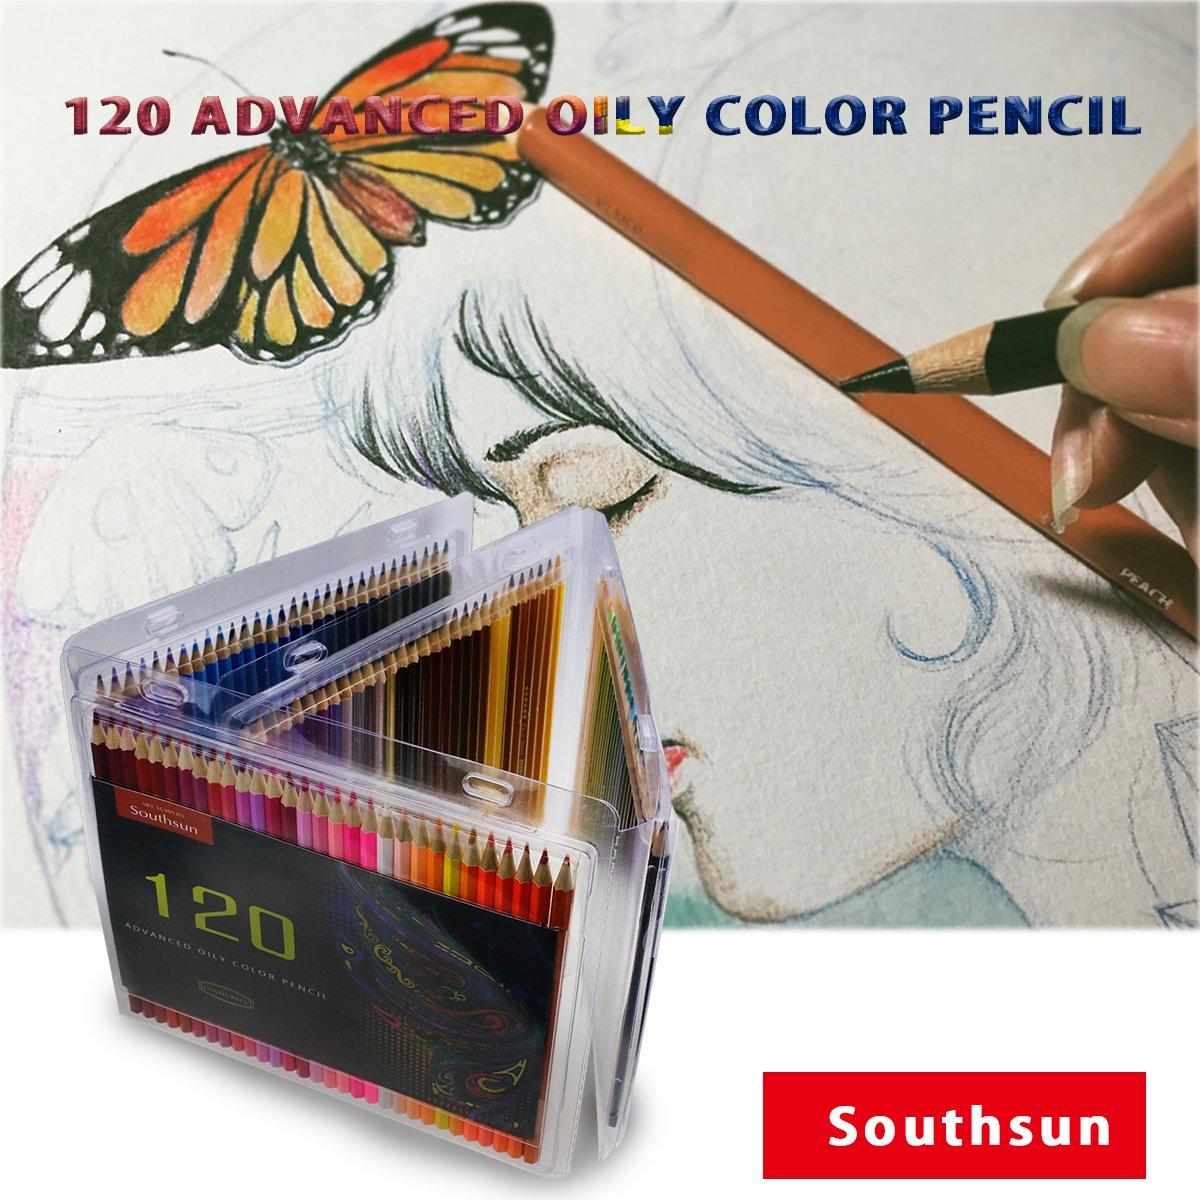 Pour adultes Southsun 120 pack coloris assortis Convient pour le coloriage et lart Lot de 120 crayons de couleur gras